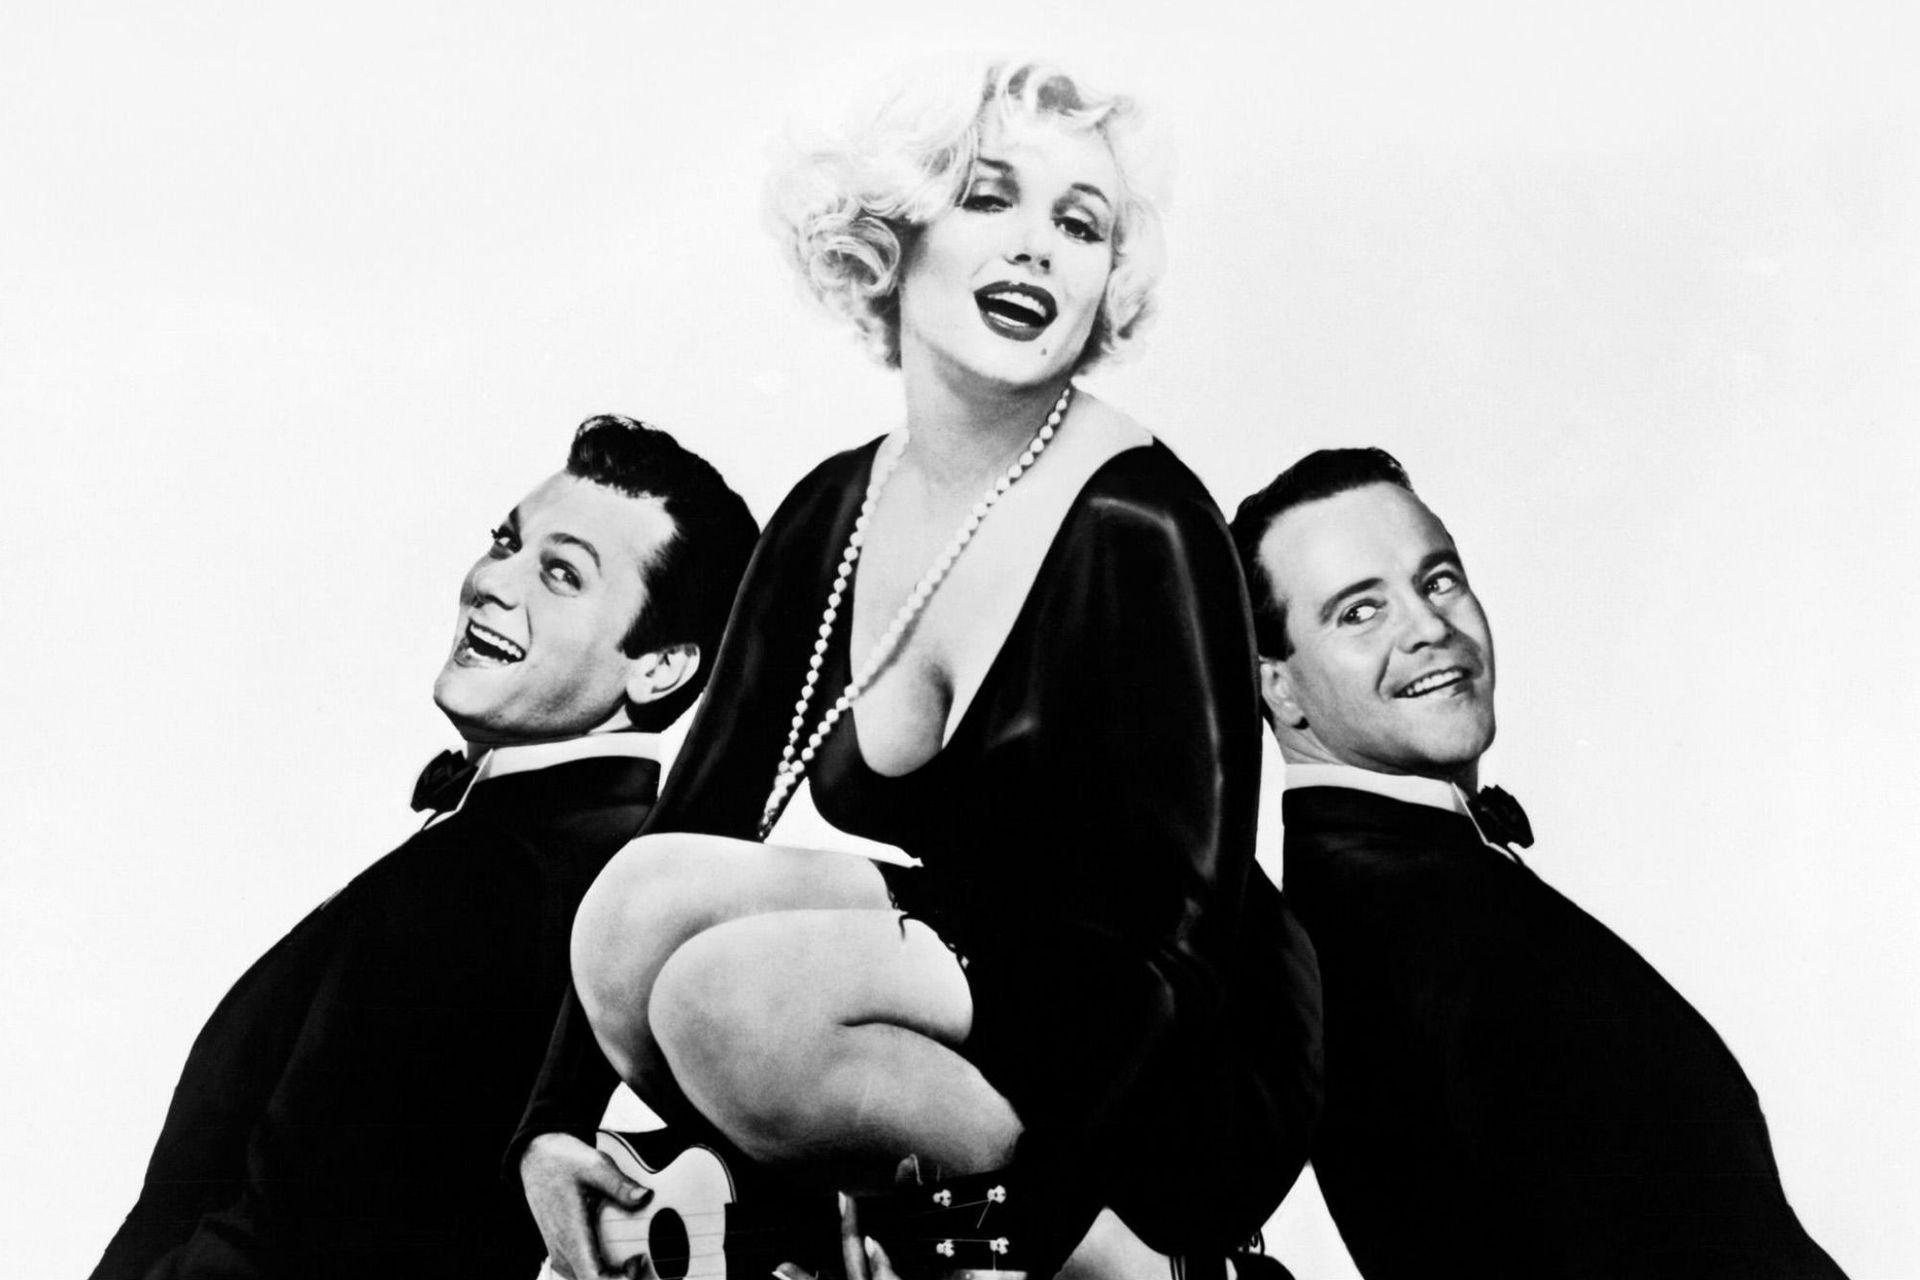 Marilyn, una estrella más insegura de lo que aparentaba